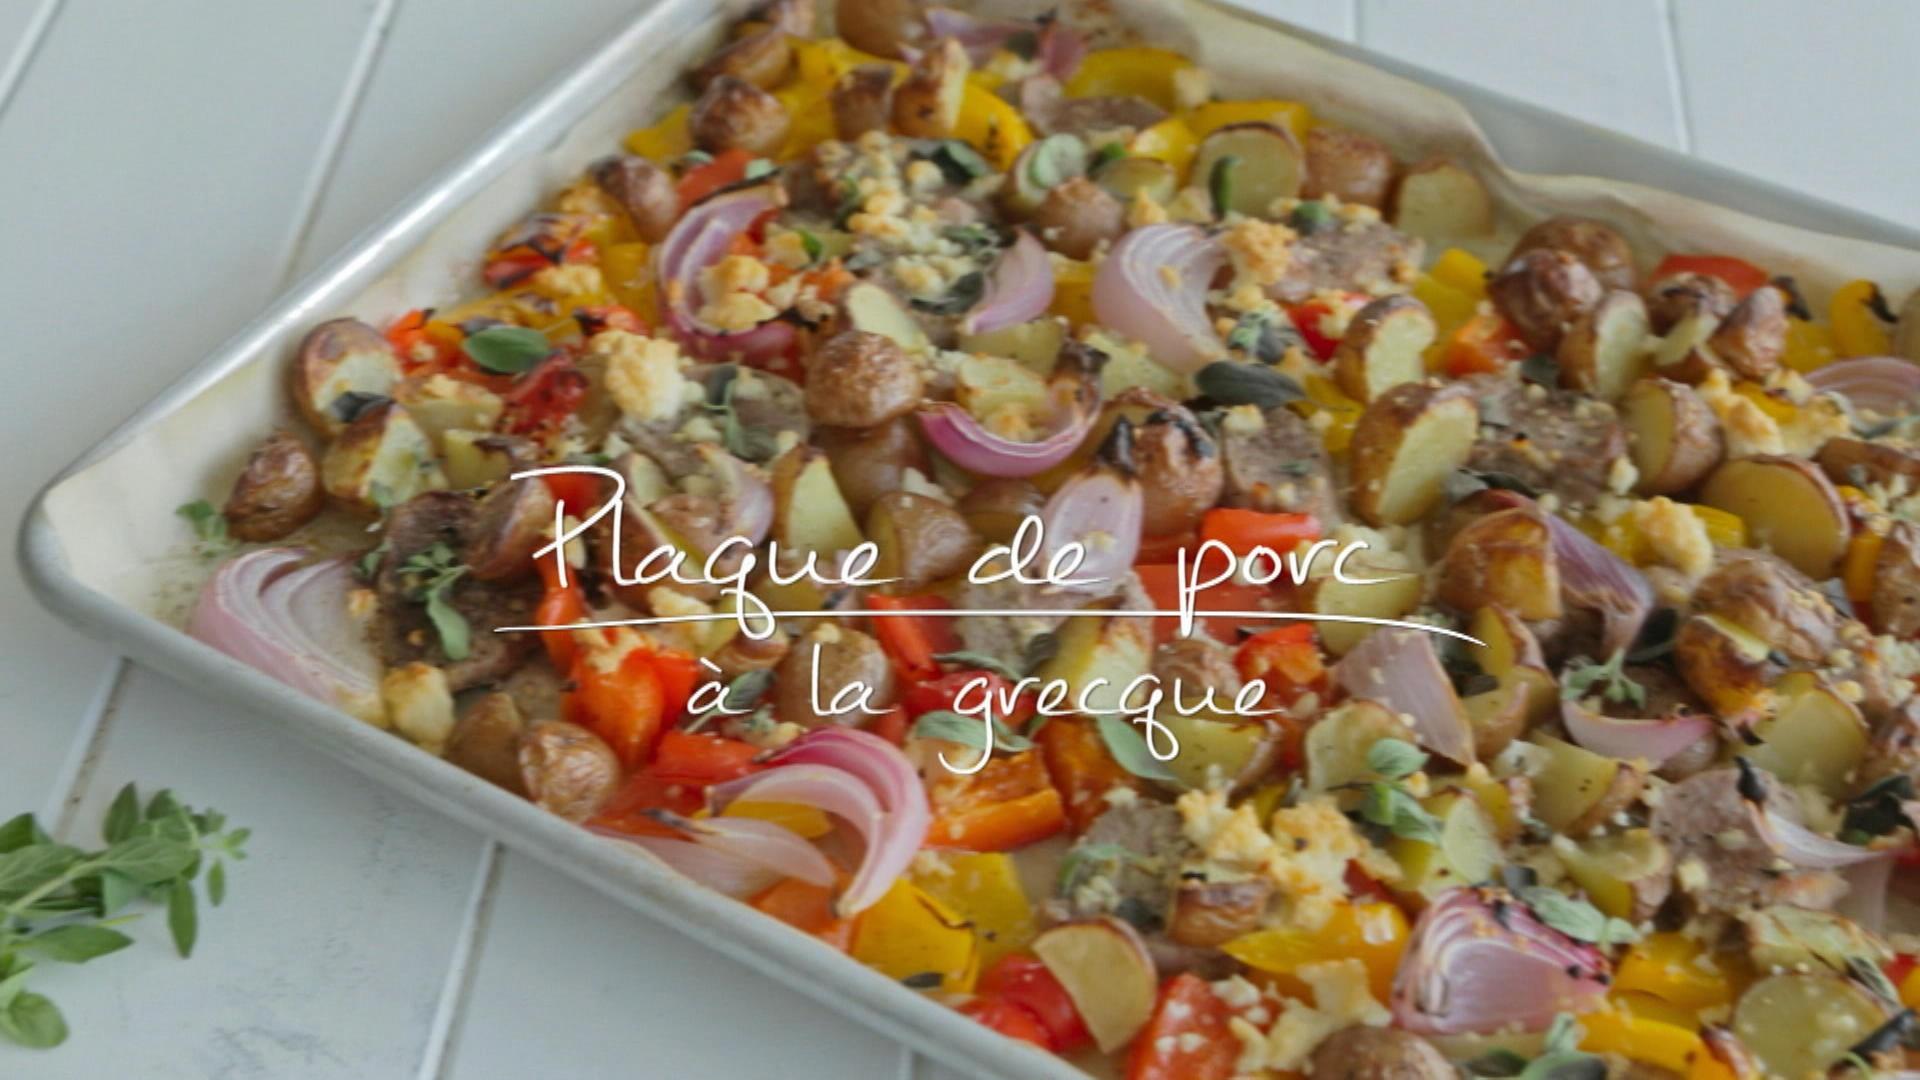 Plaque de porc la grecque cuisine fut e parents press s zone vid o t l qu bec - La cuisine de a a z ...